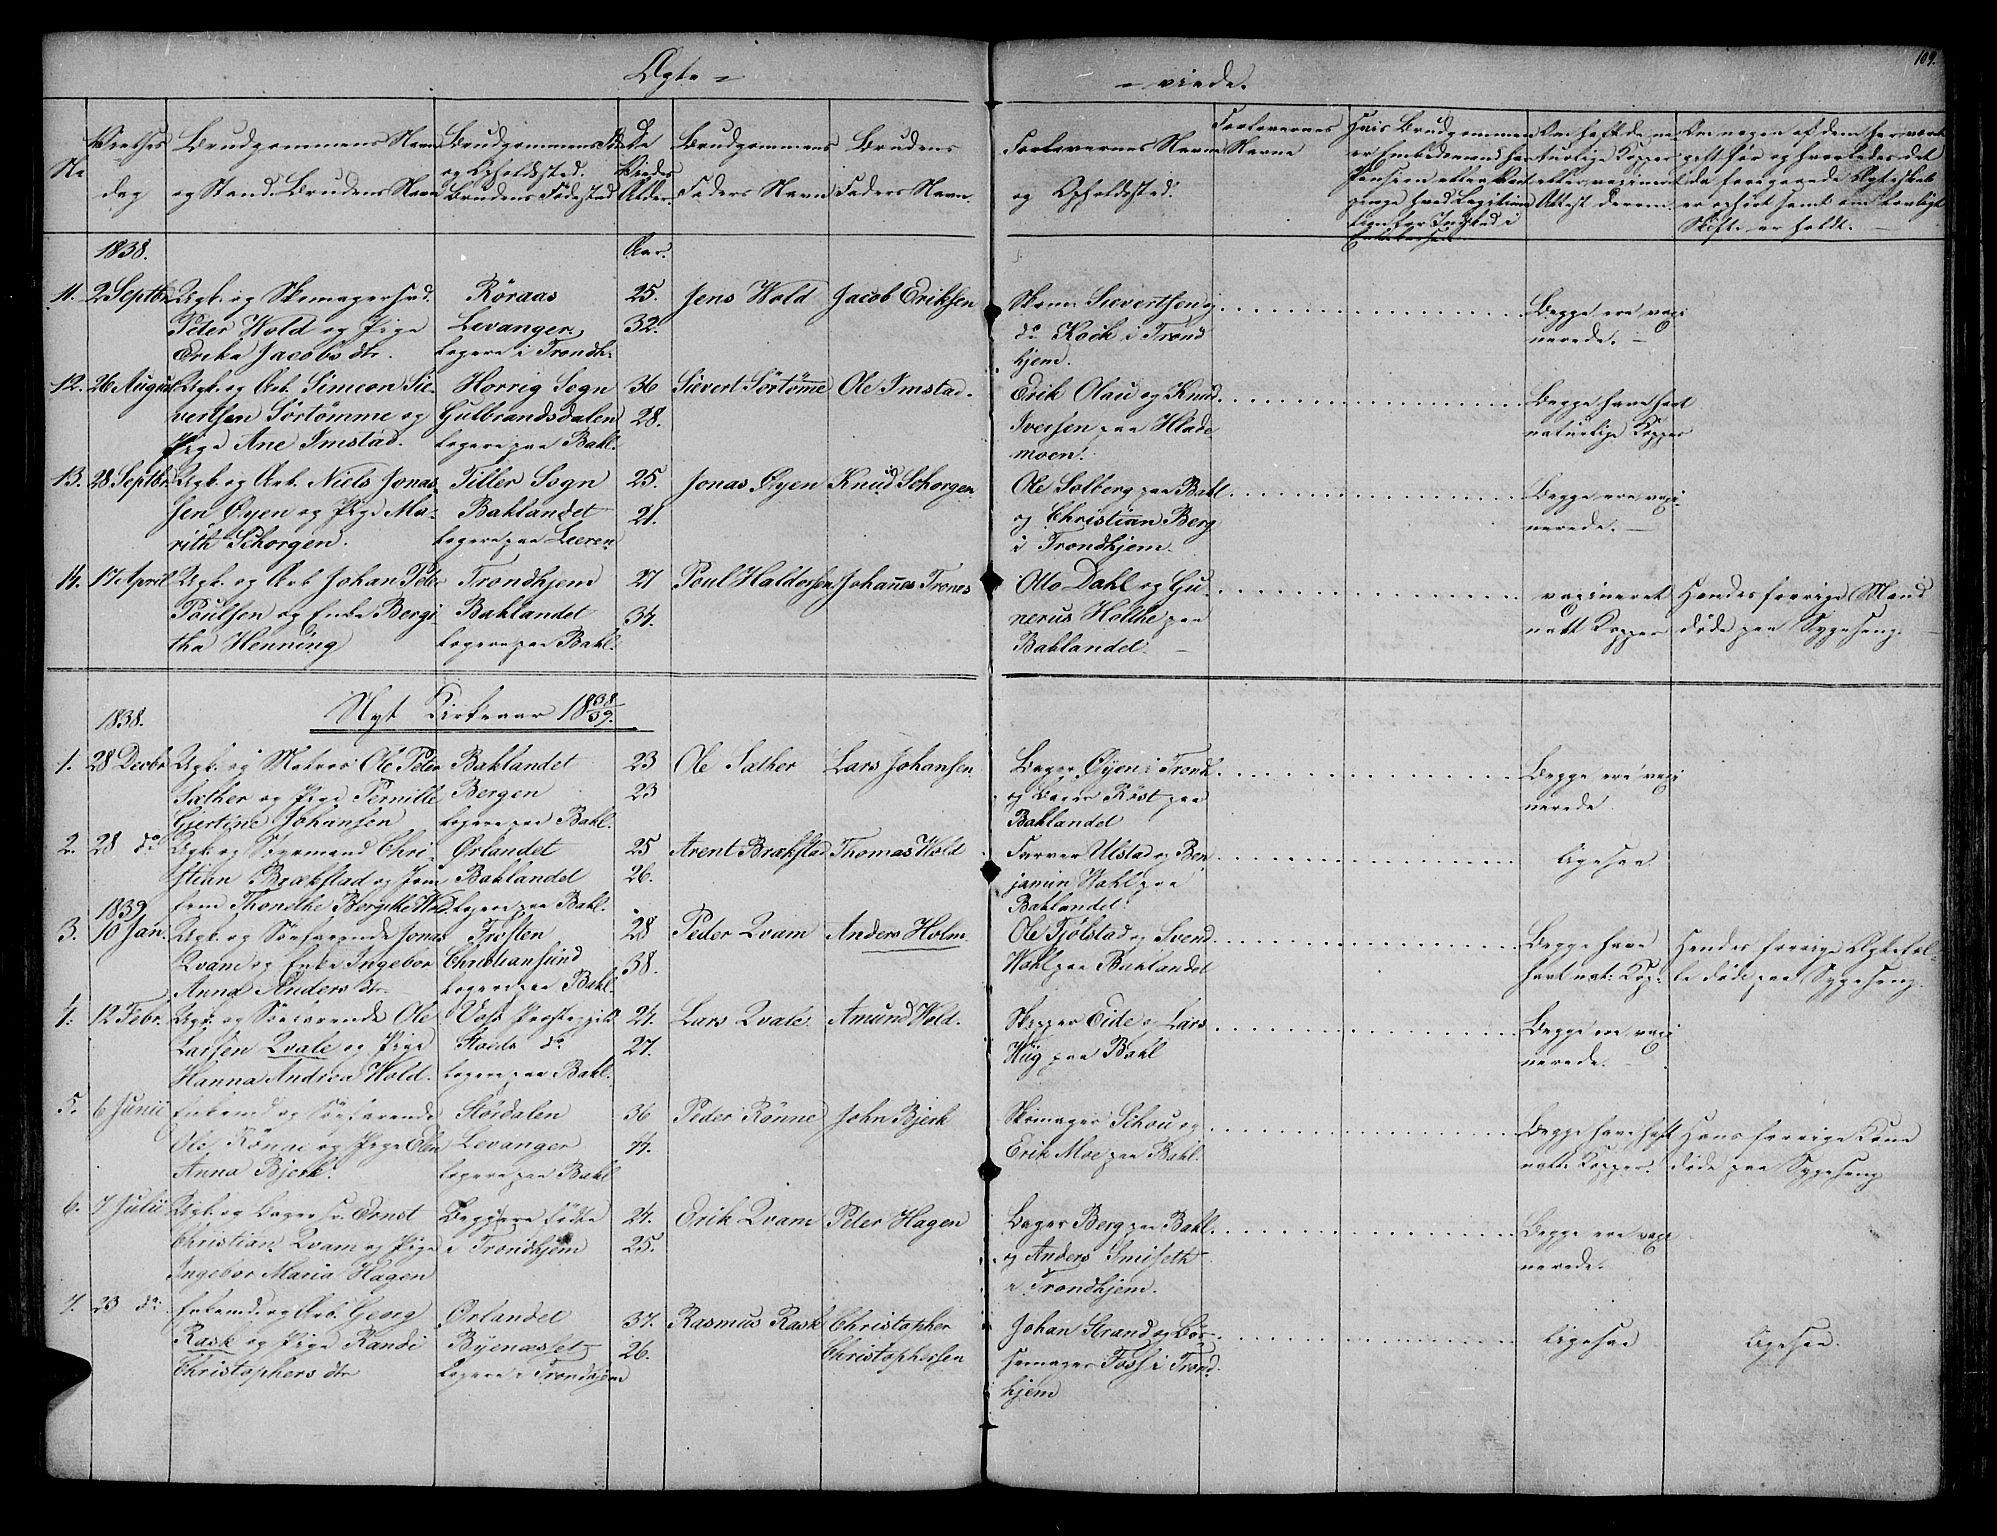 SAT, Ministerialprotokoller, klokkerbøker og fødselsregistre - Sør-Trøndelag, 604/L0182: Ministerialbok nr. 604A03, 1818-1850, s. 109